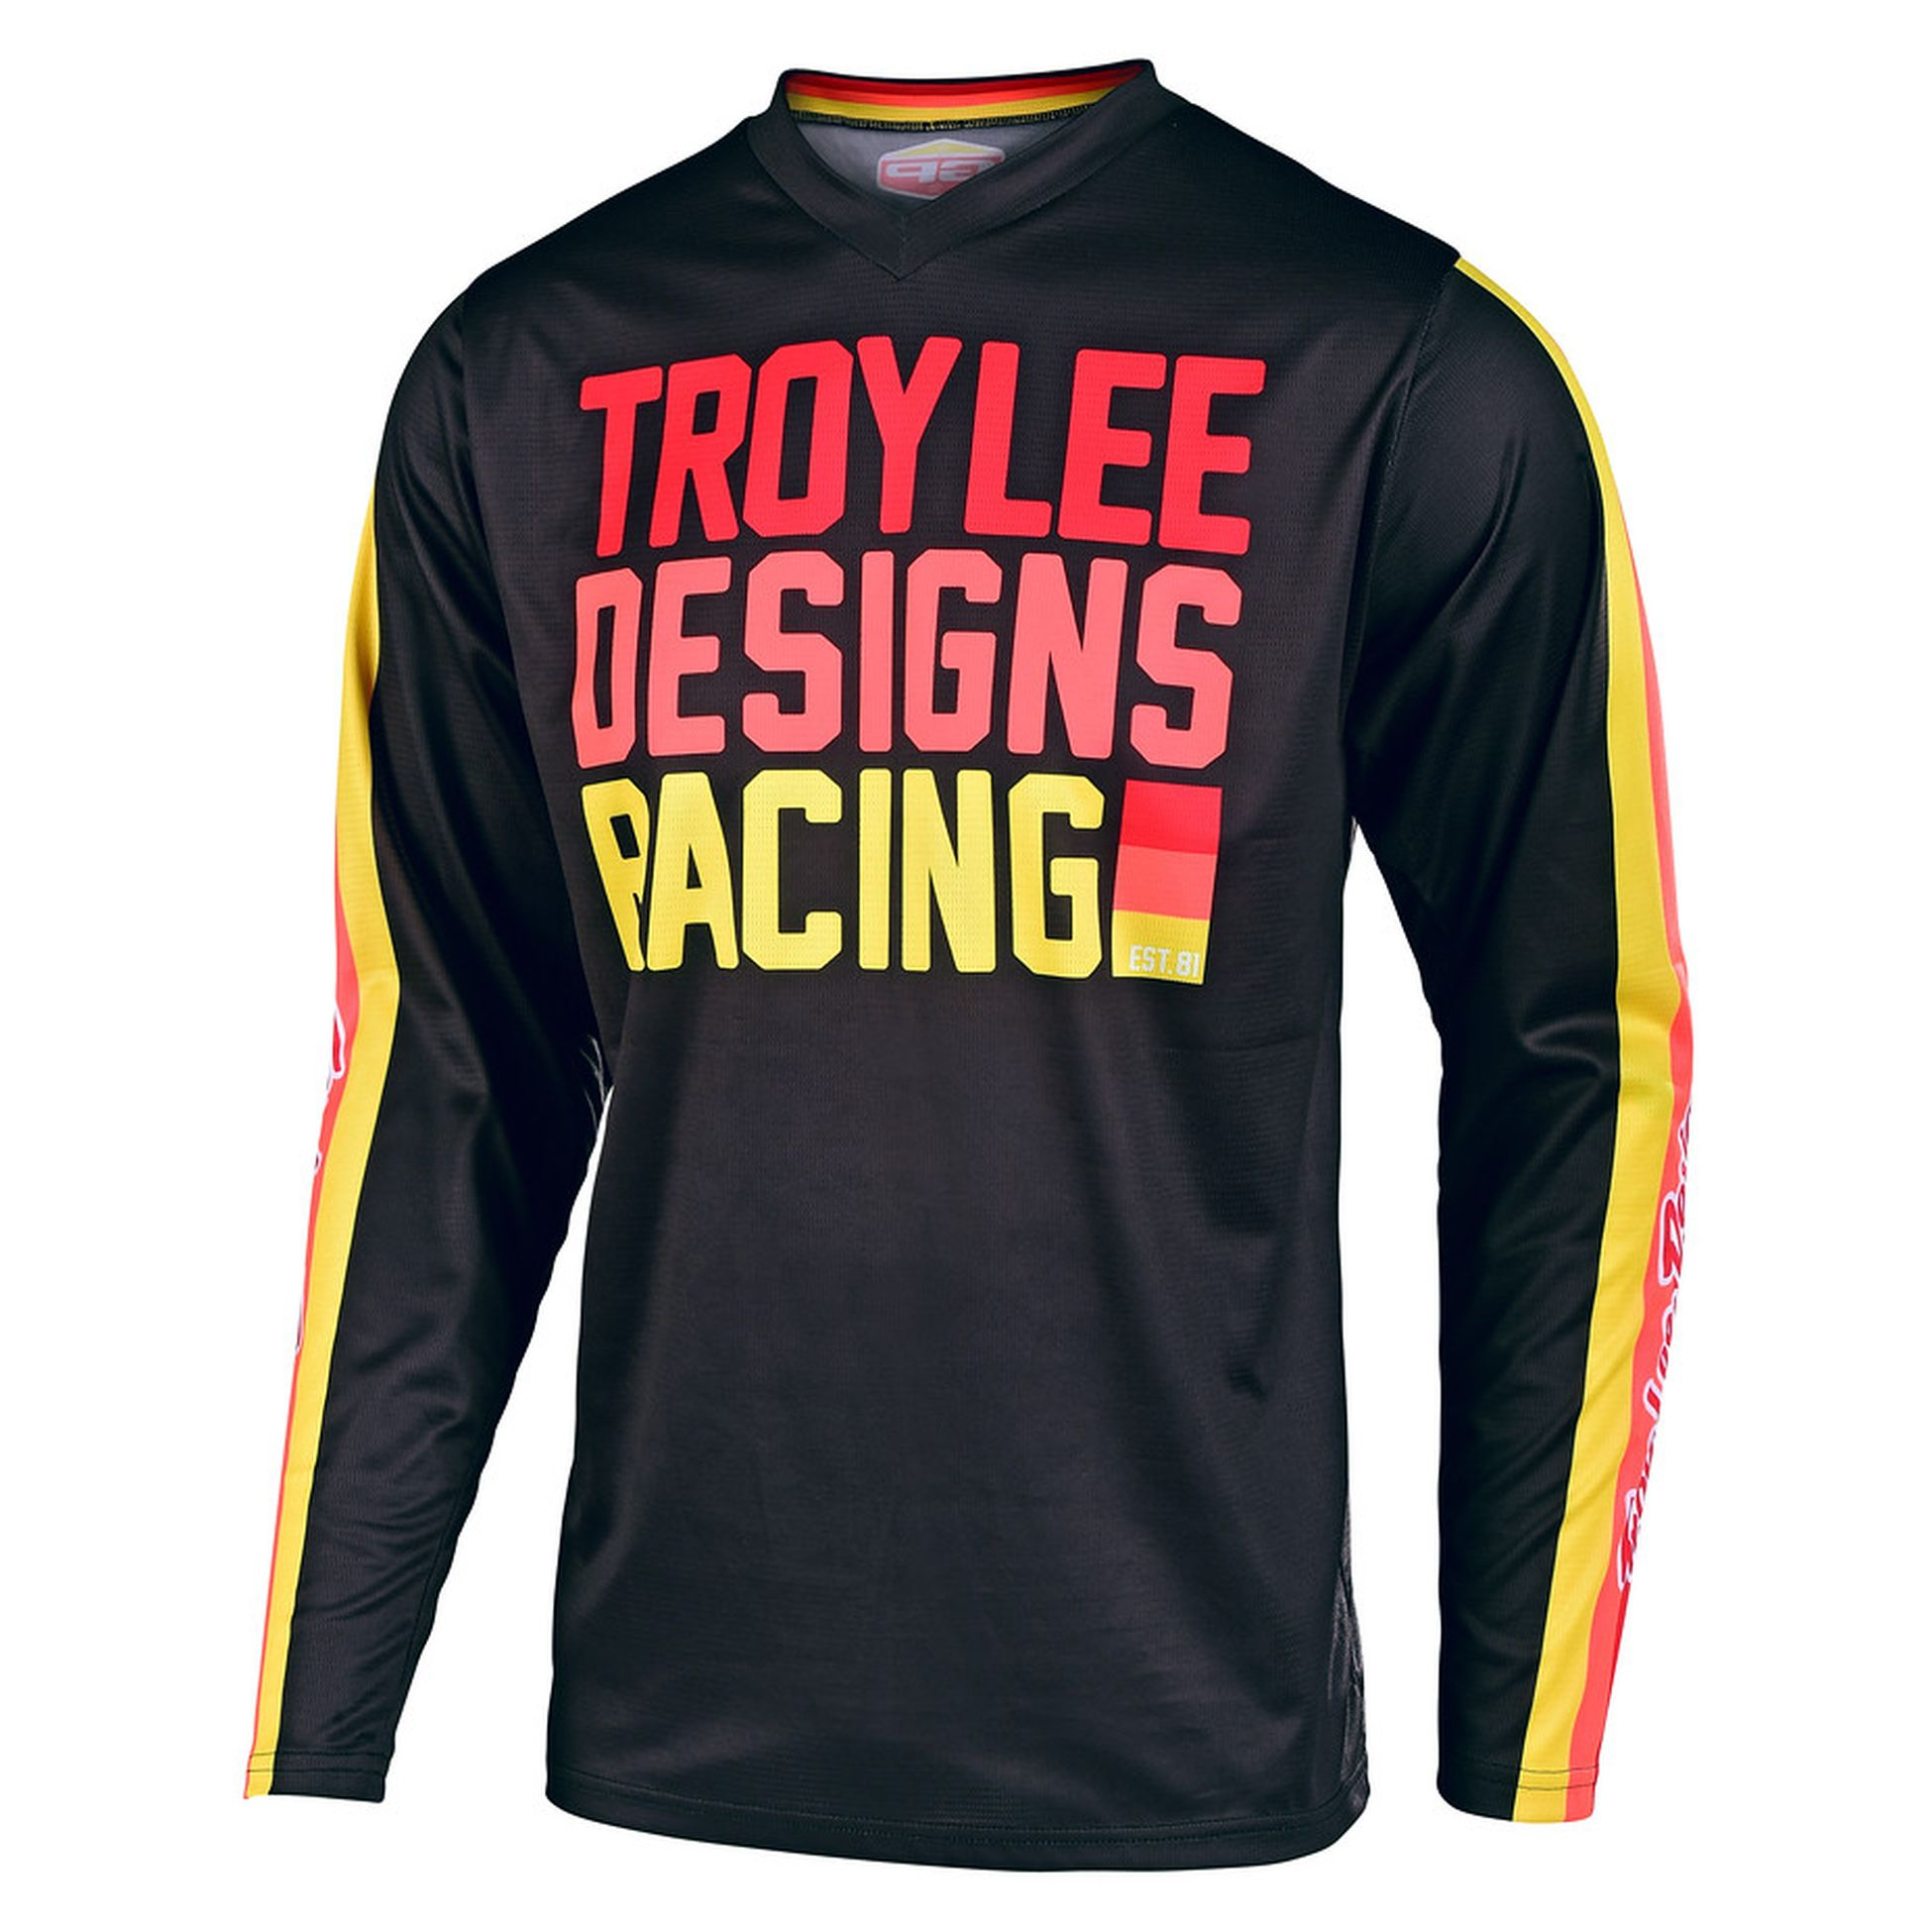 Troy Lee Designs Uitverkoop bij Dirtbikebitz